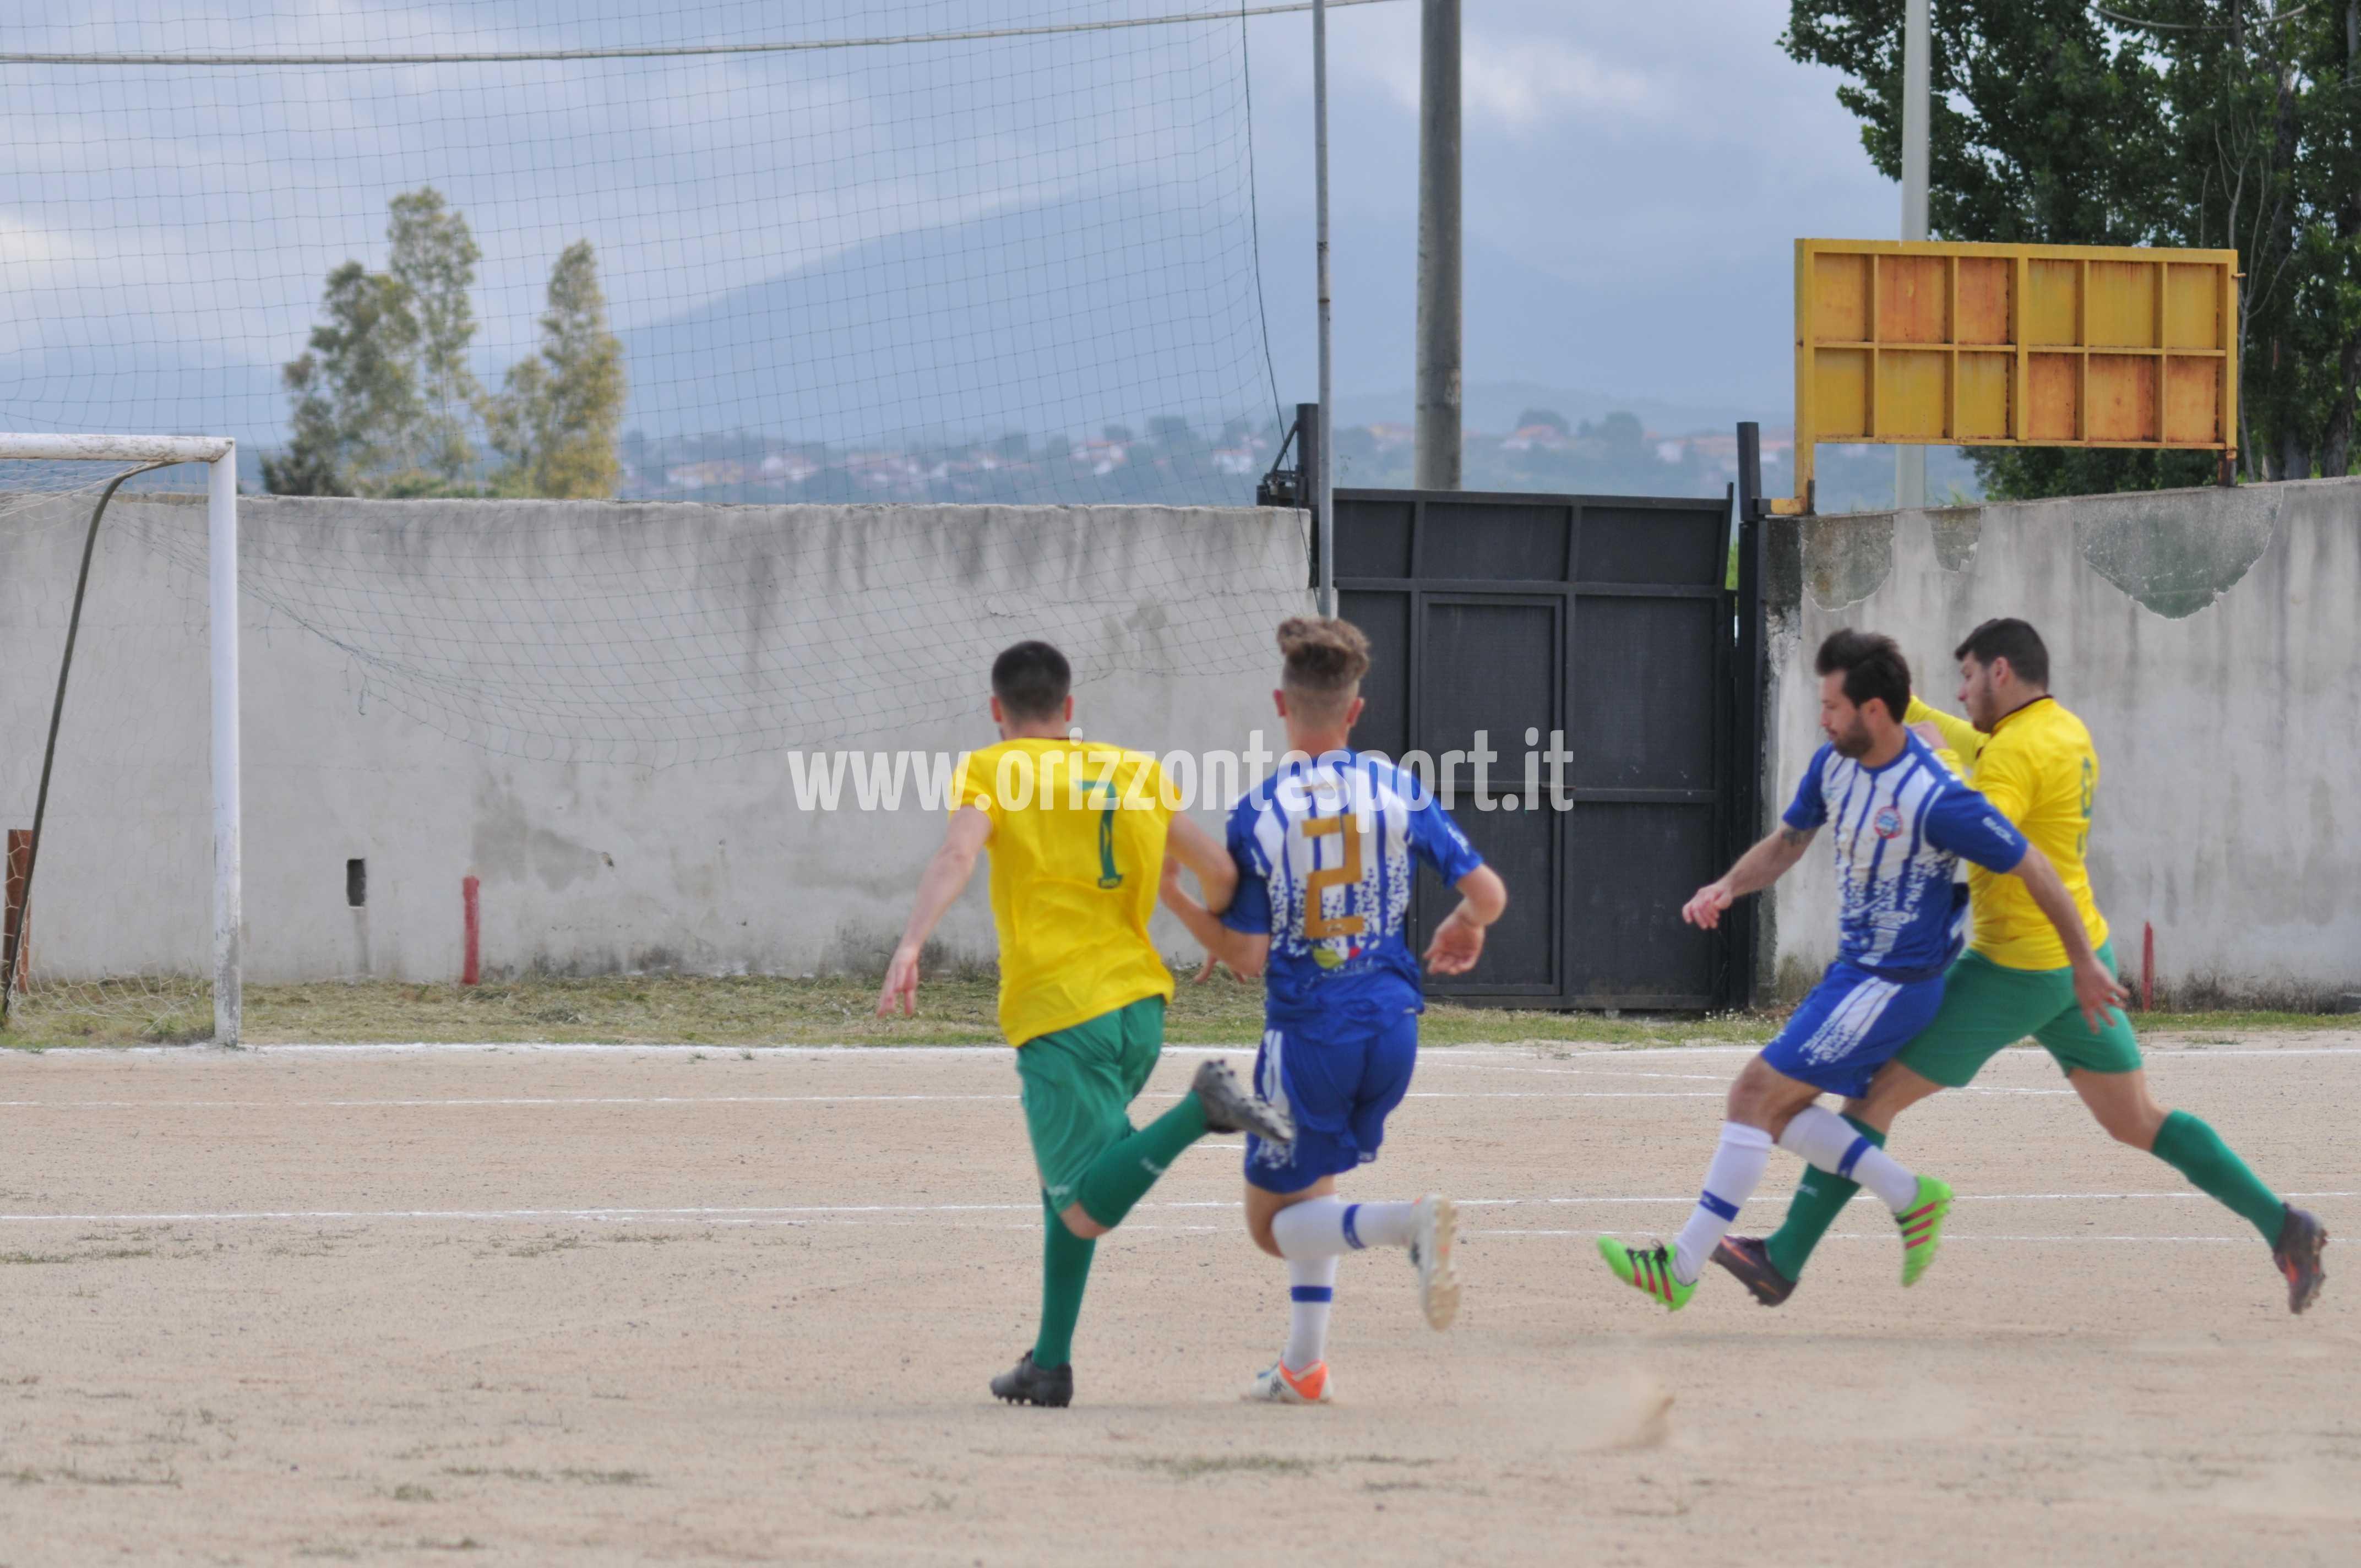 roggiano_cassano (13)